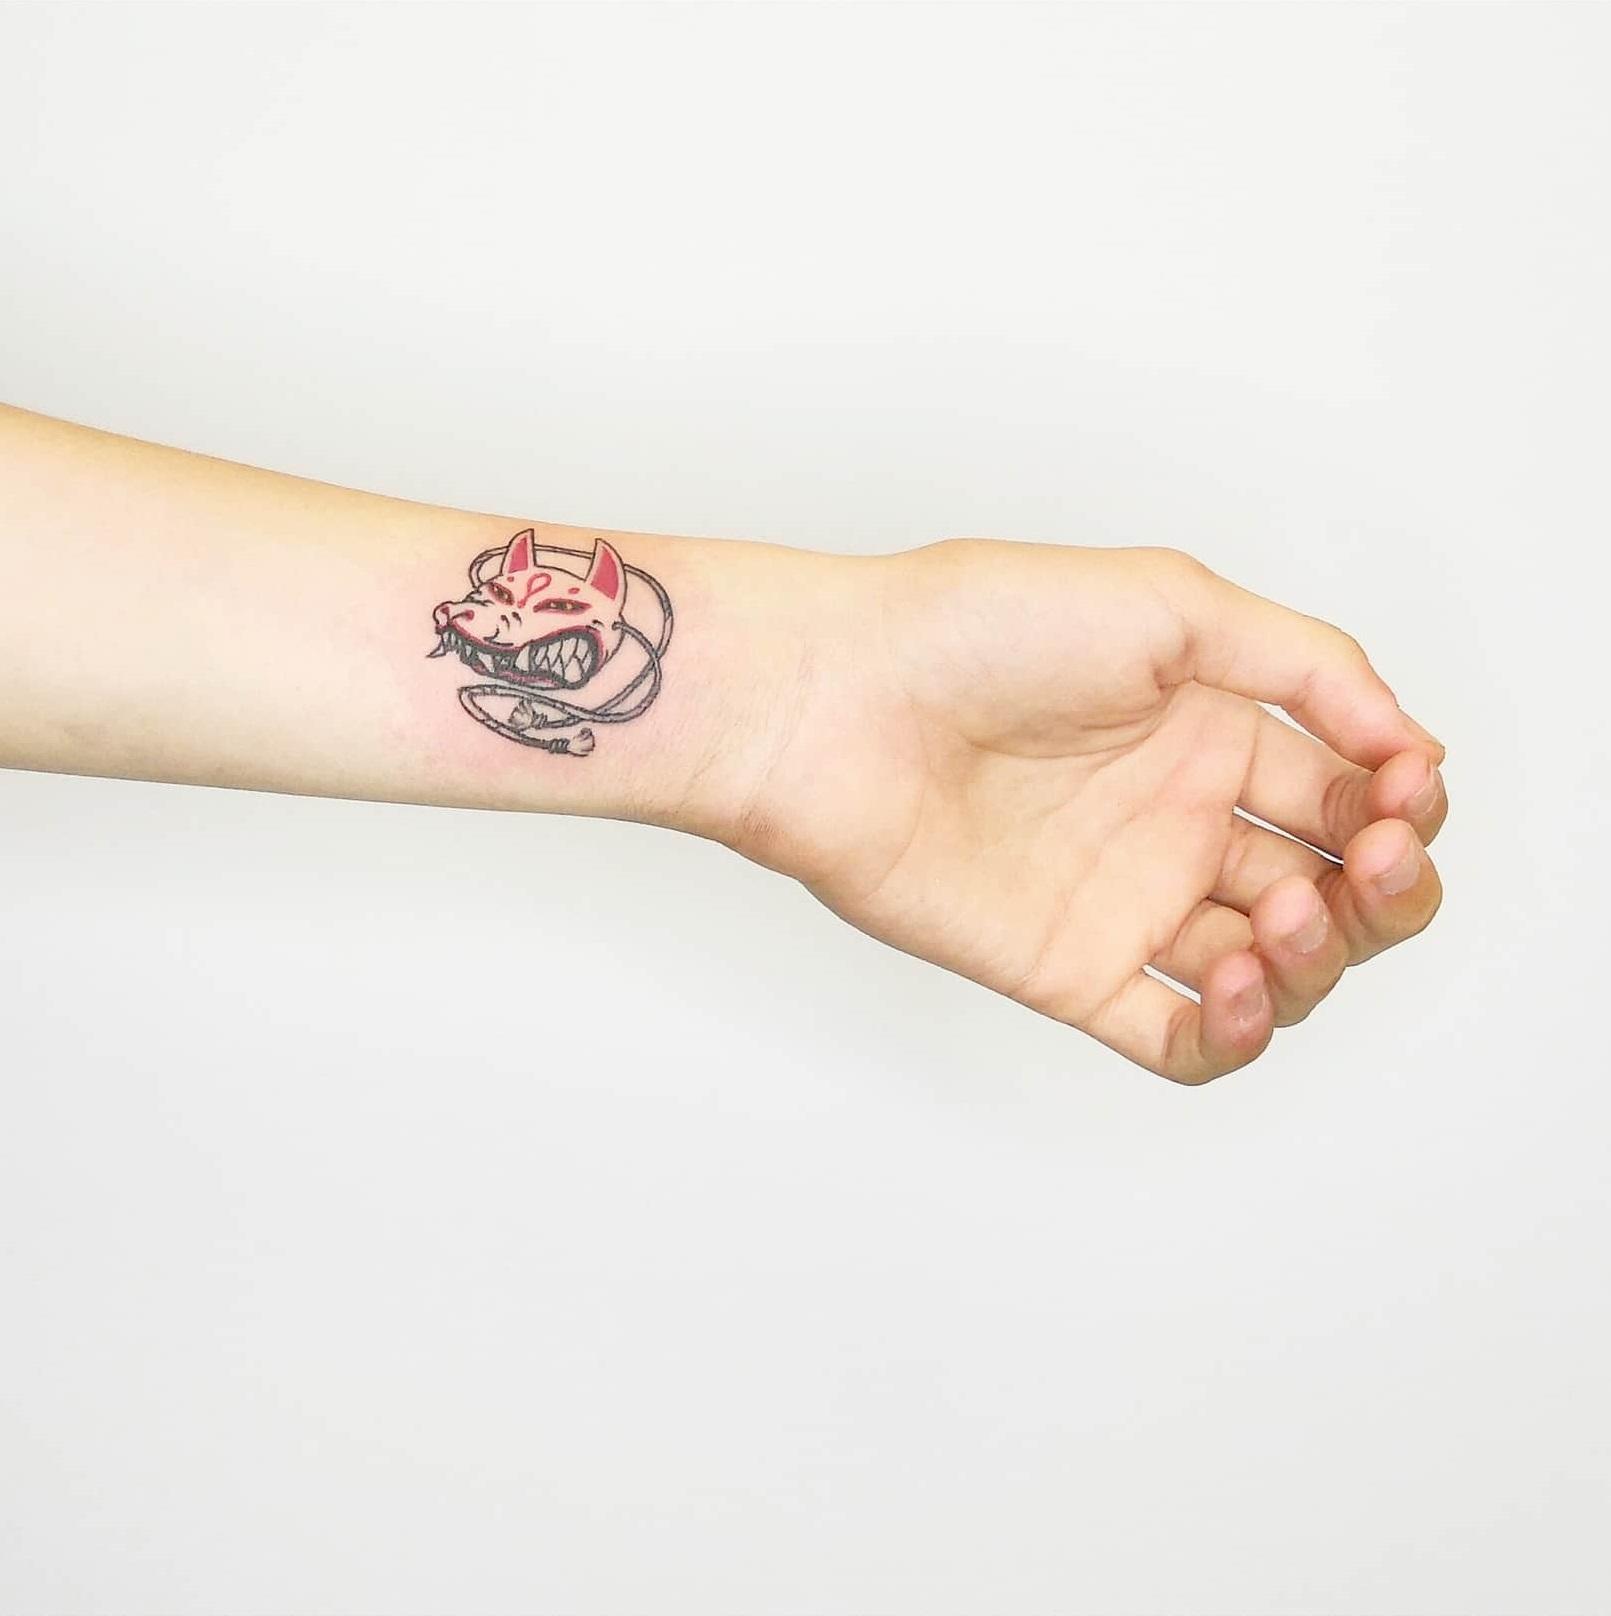 Татуировка свиньи на запястье